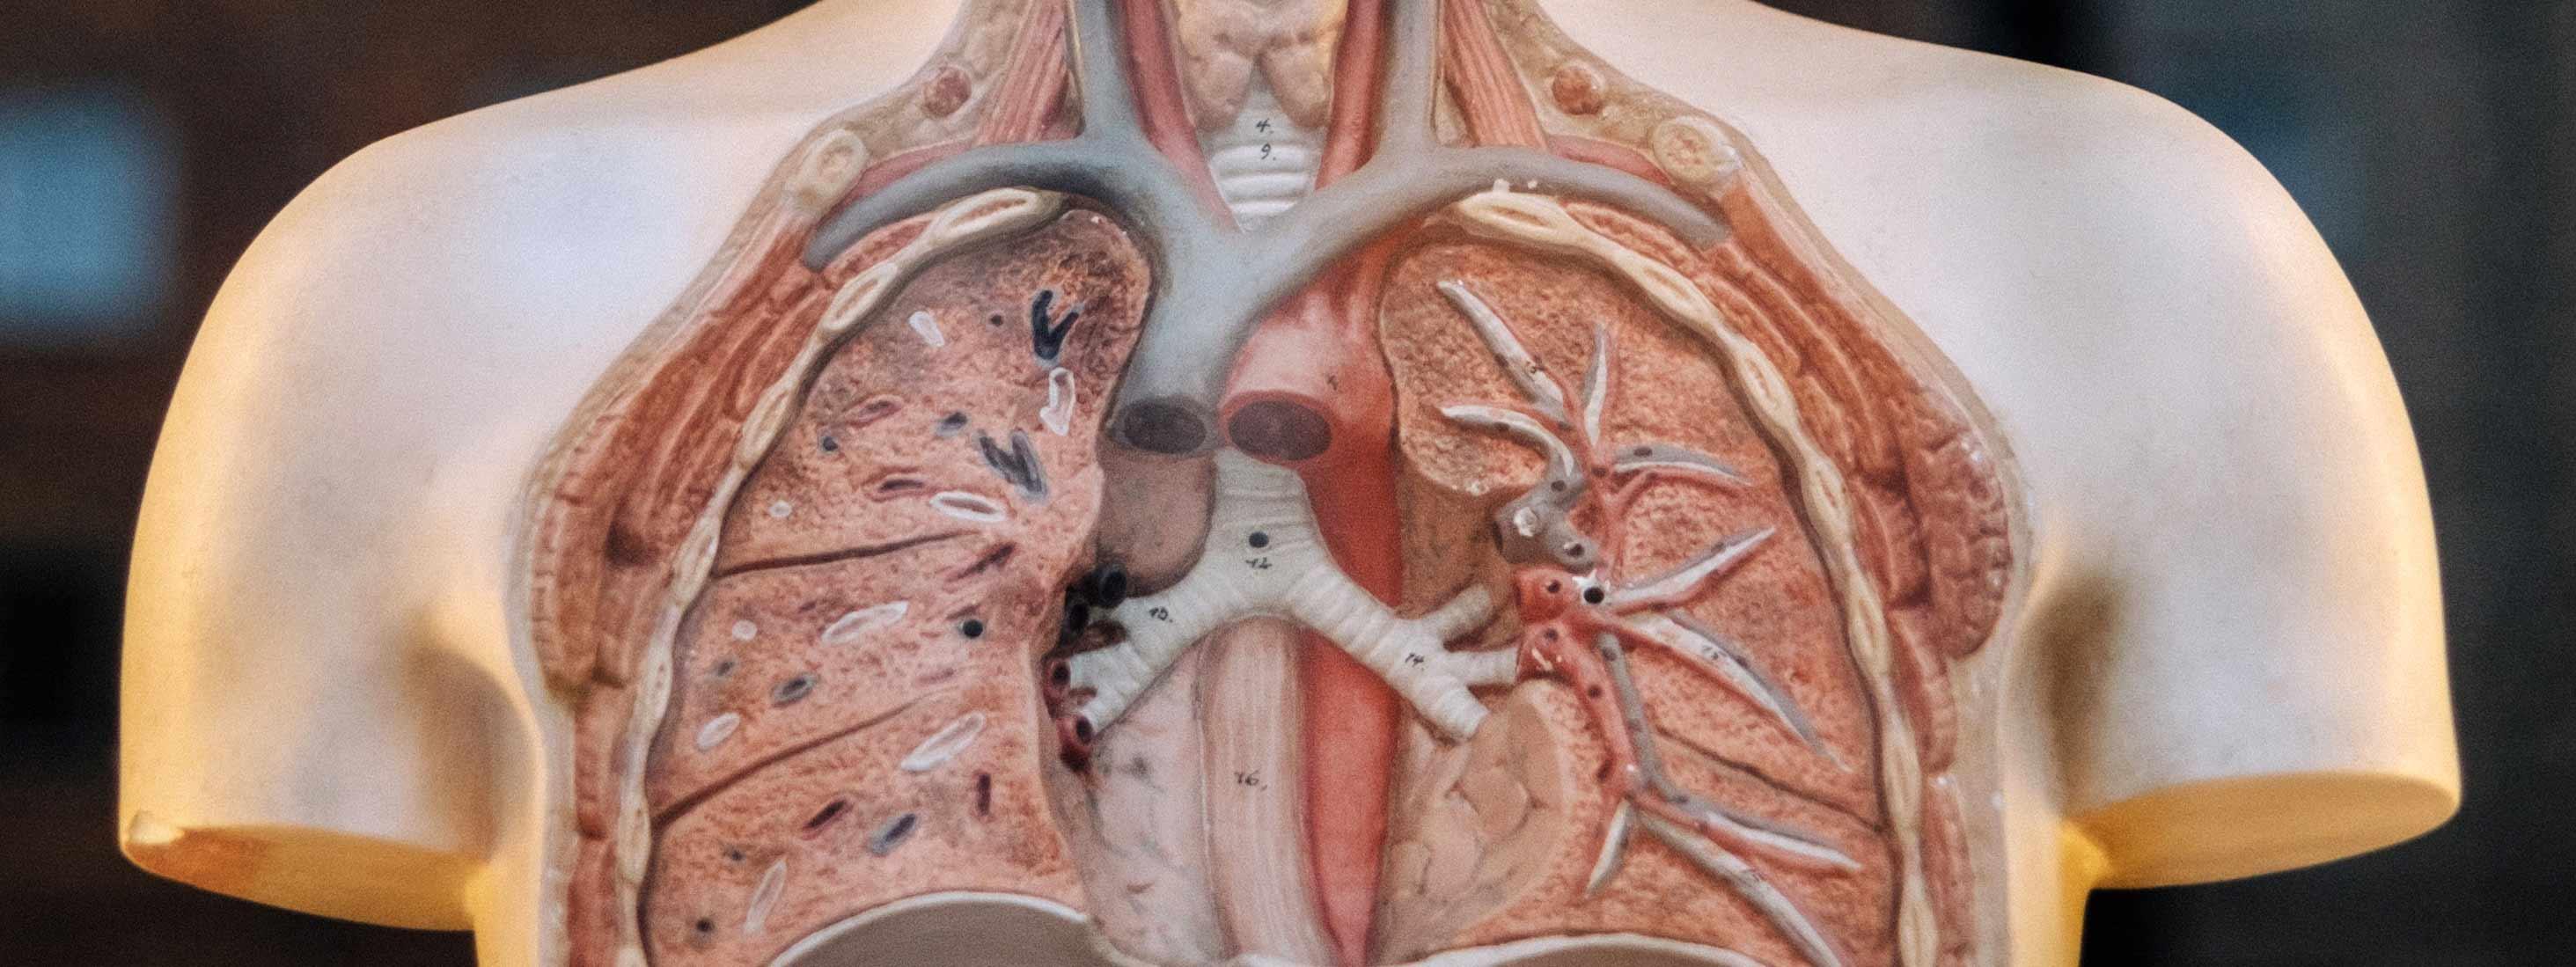 Poumons à l'intérieur d'un mannequin en plastique